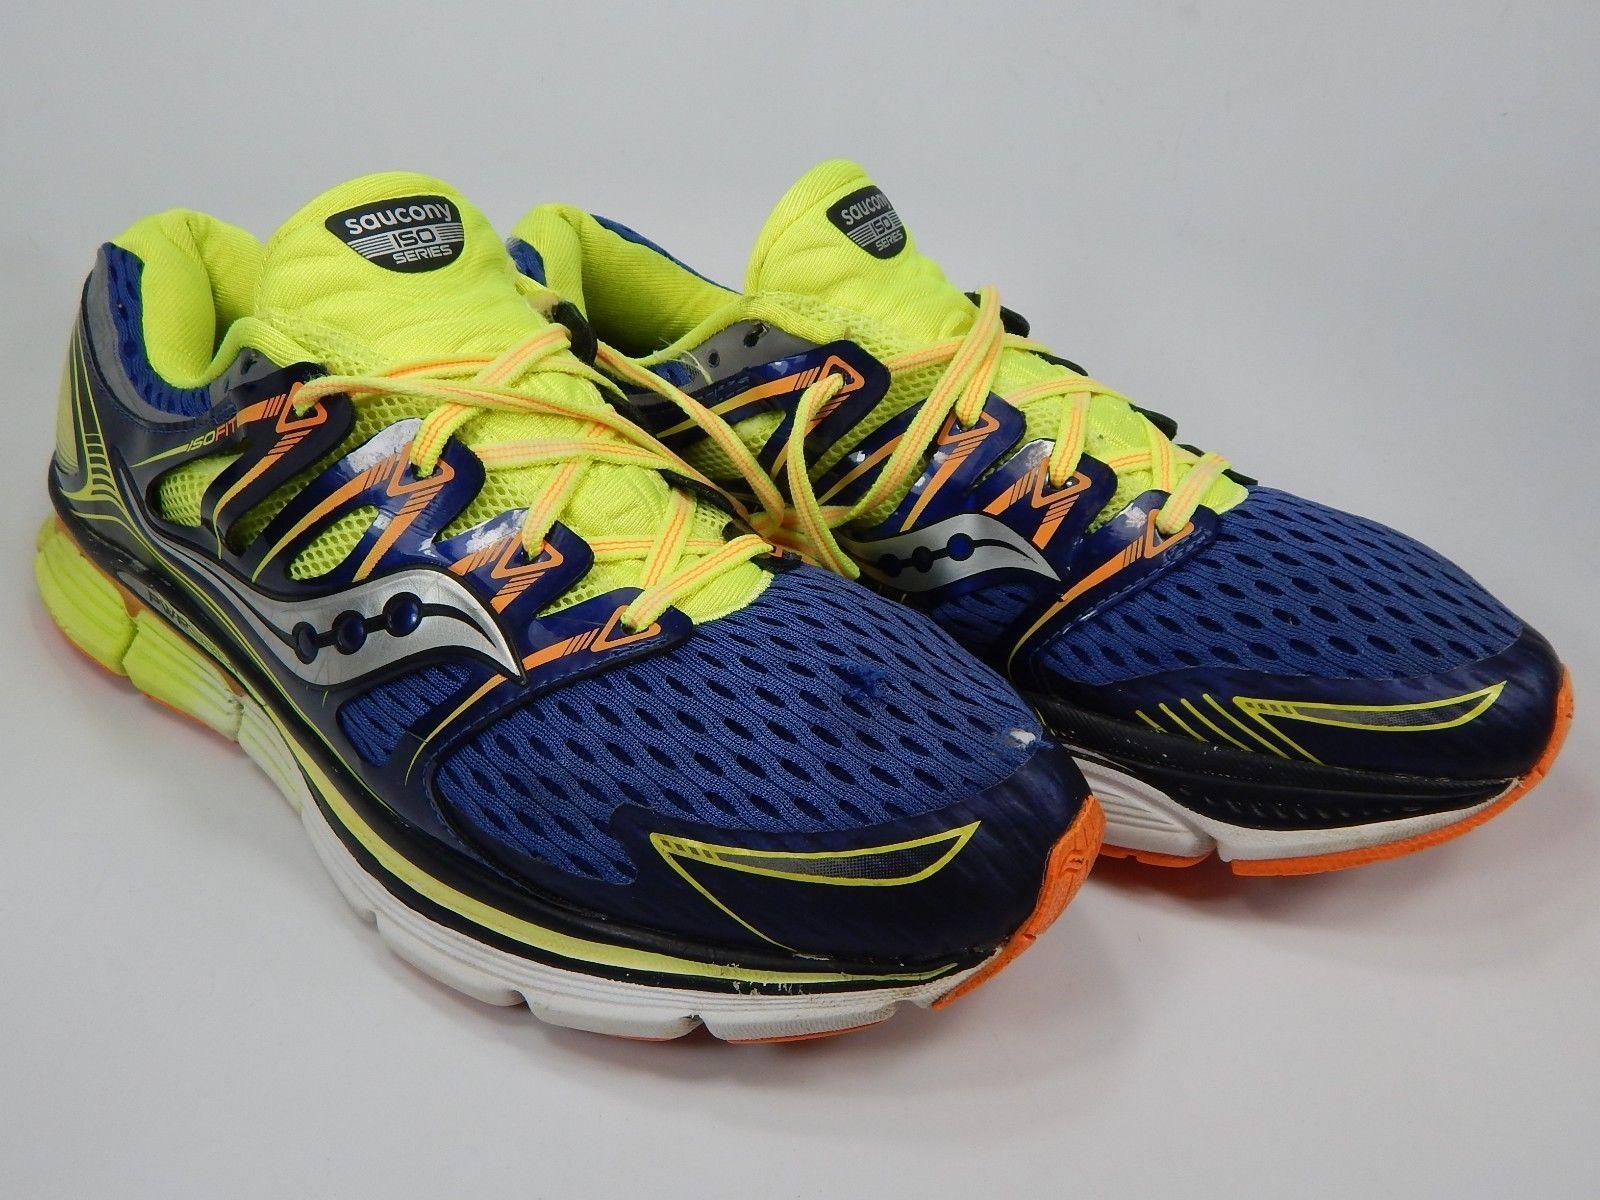 Saucony Triumph ISO Size US 13 M (D) EU 48 Men's Running Shoes Blue S20262-1